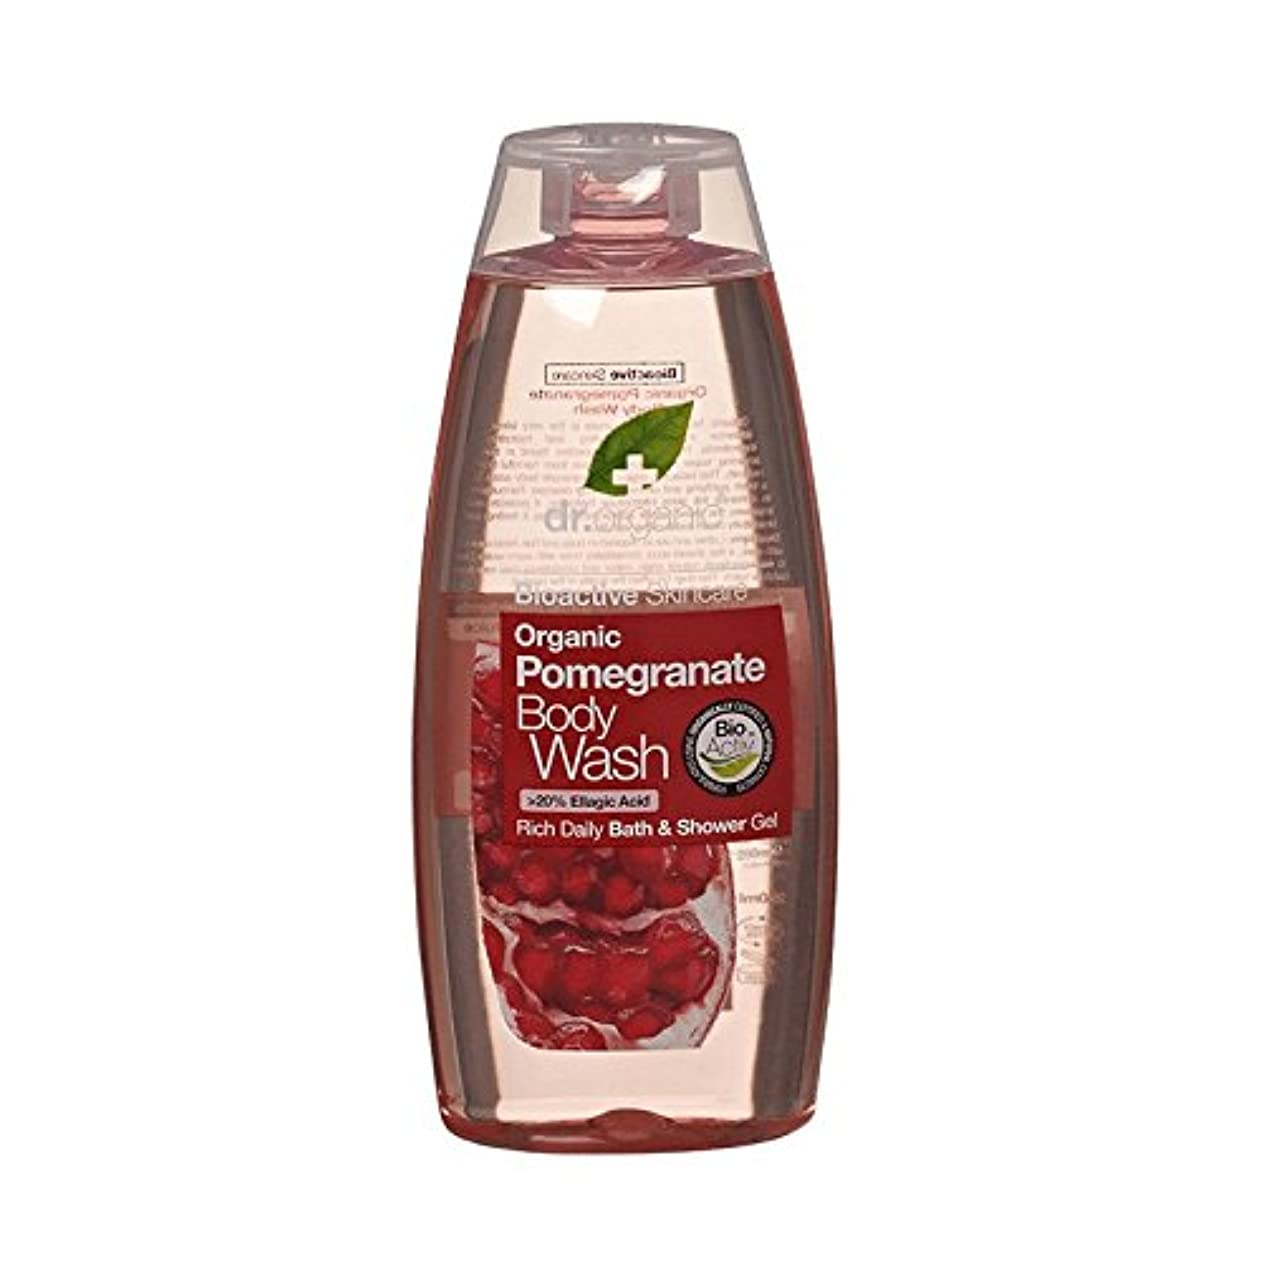 本土グラフ治療Dr Organic Pomegranate Body Wash (Pack of 6) - Dr有機ザクロボディウォッシュ (x6) [並行輸入品]